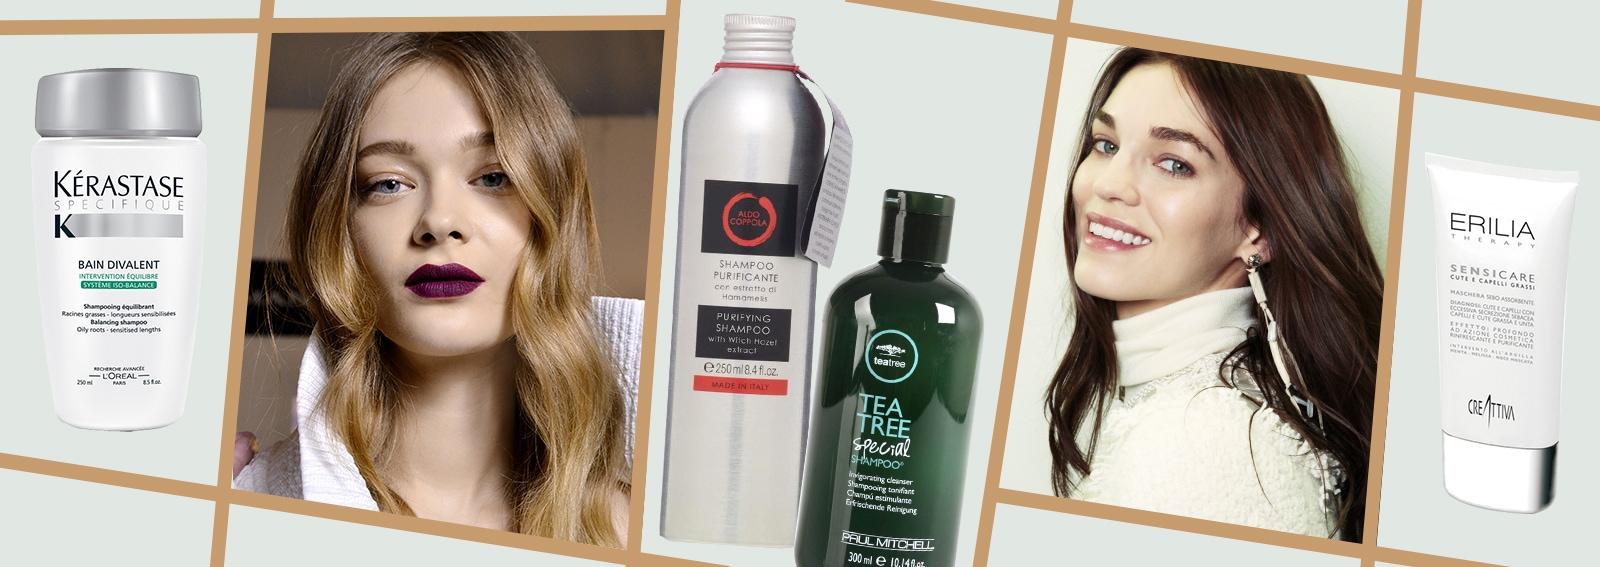 capelli-grassi-i-nostri-prodotti-desktop